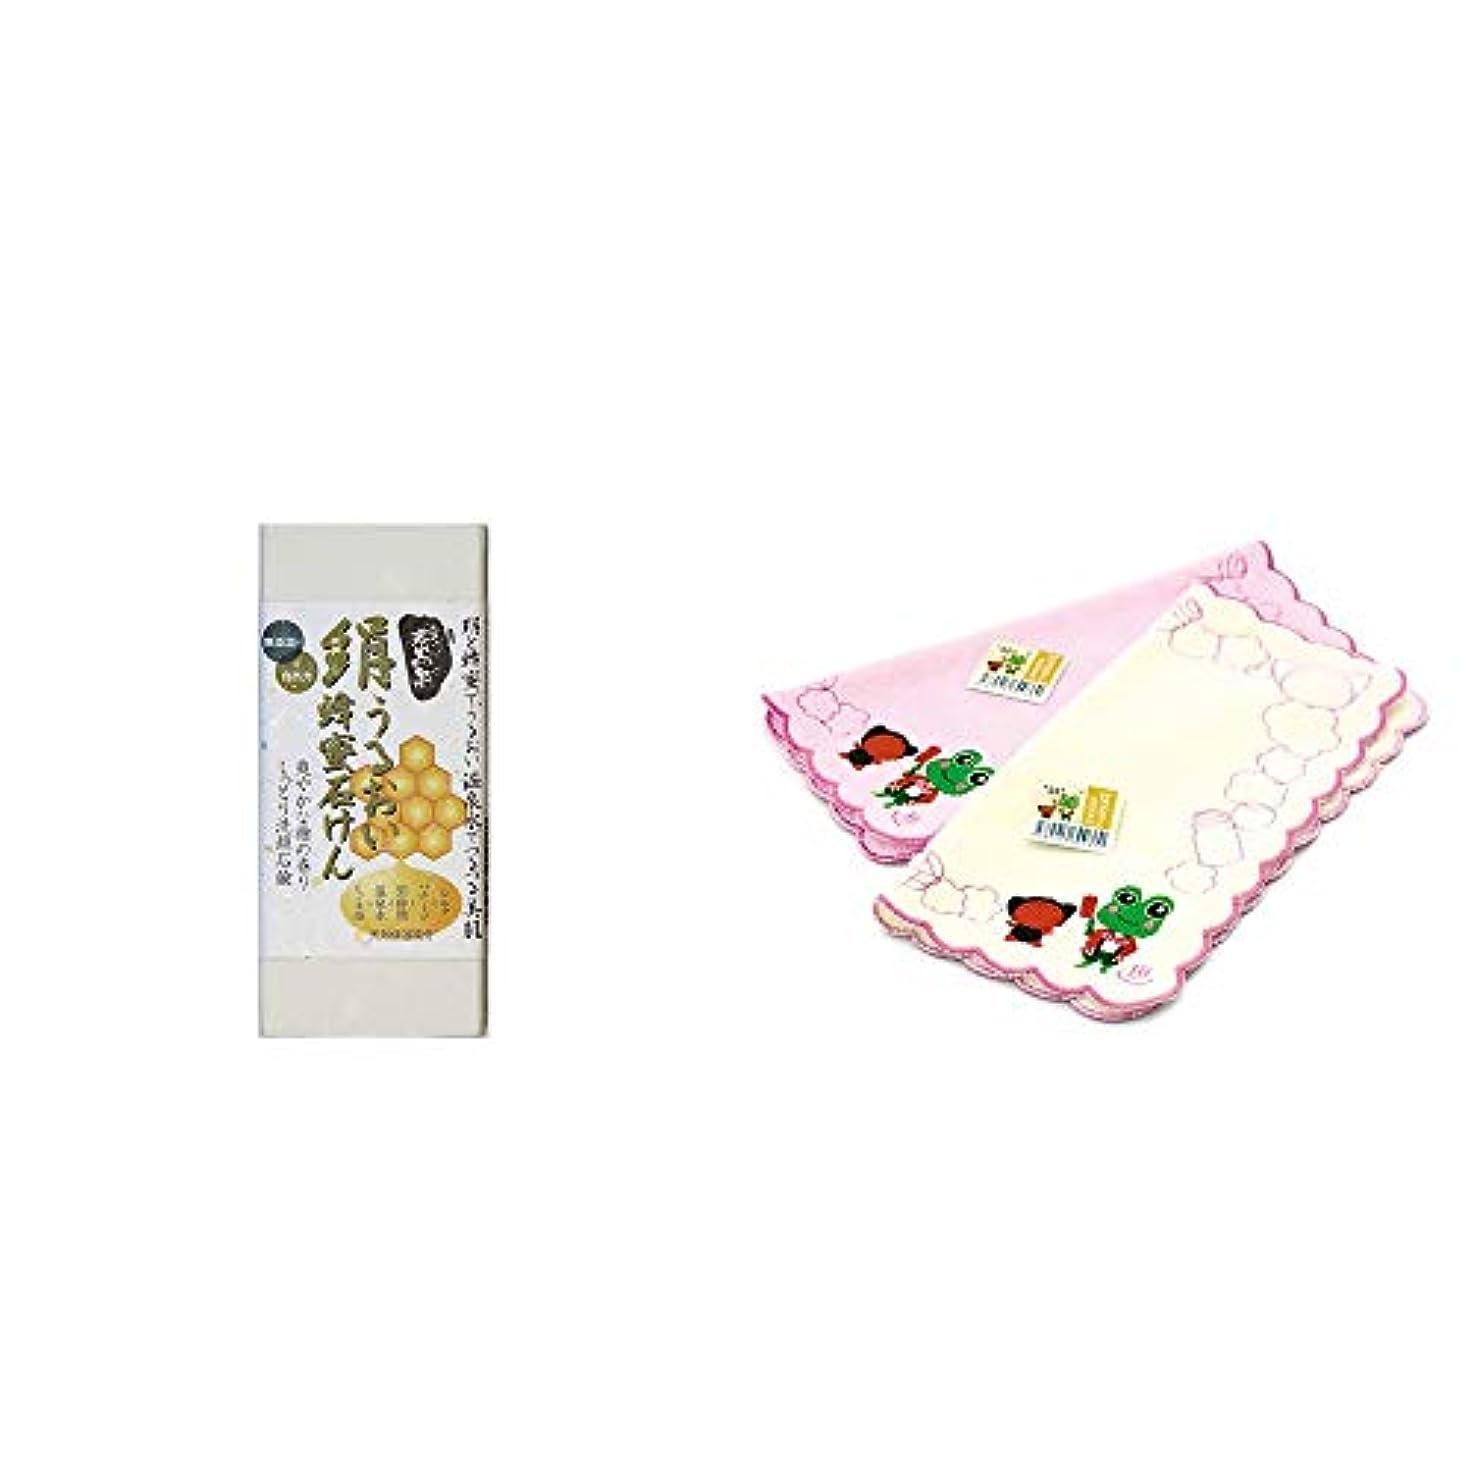 パテ鮫めったに[2点セット] ひのき炭黒泉 絹うるおい蜂蜜石けん(75g×2)?下呂温泉限定 さるぼぼ&げろぐるくん ふわふわタオルハンカチ【ピンク】